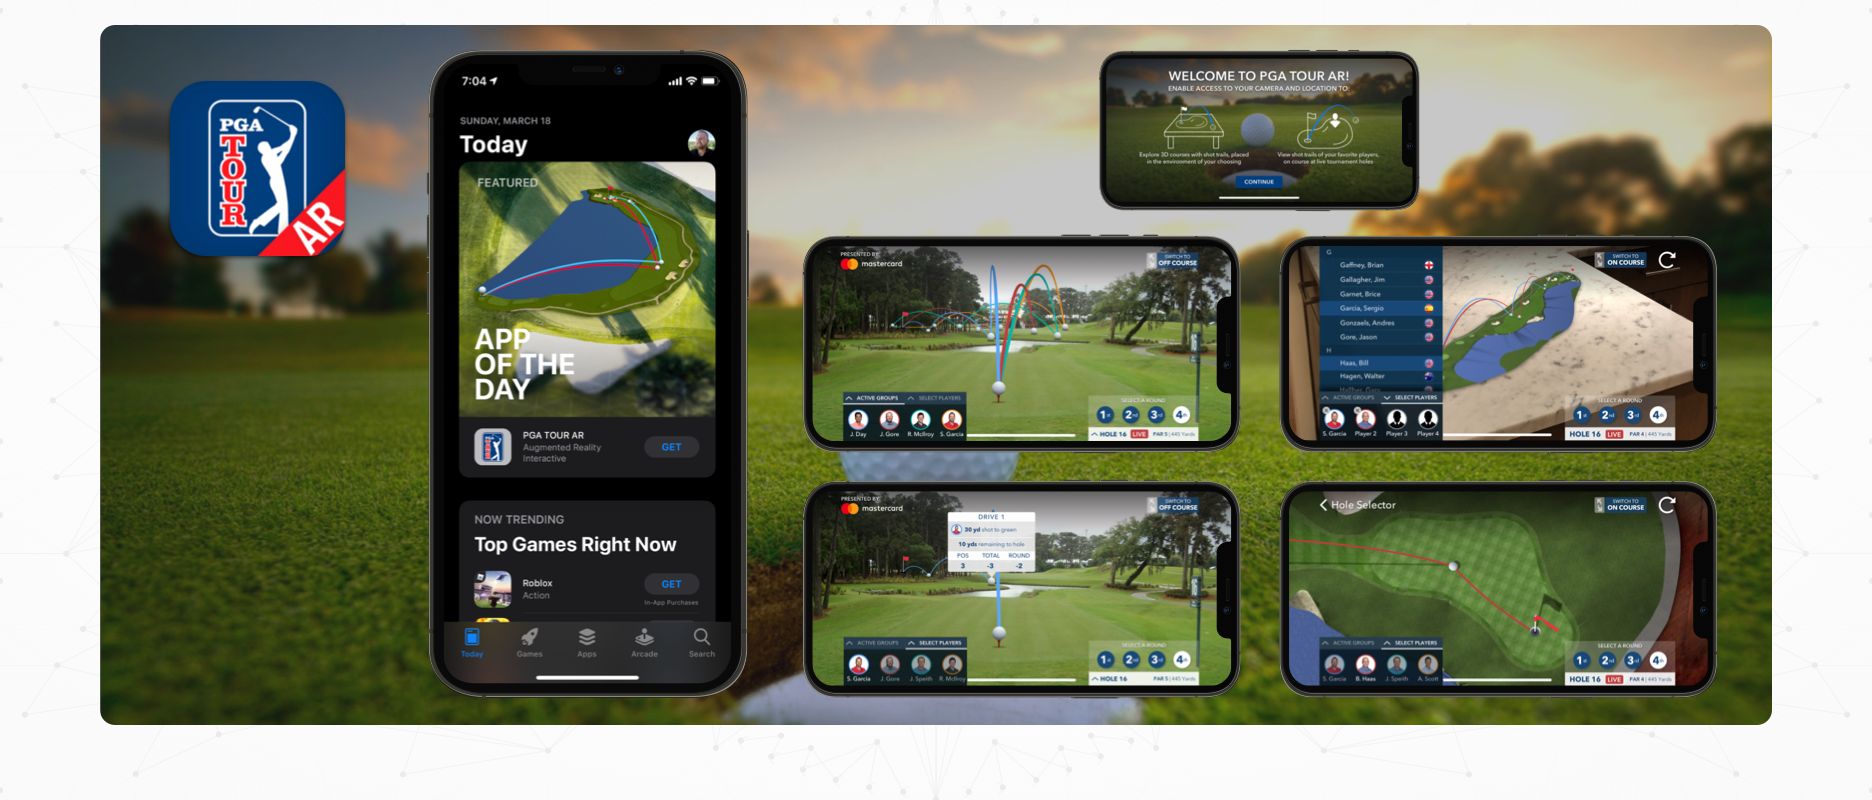 PGA TOUR AR - Case Study Image - Cover